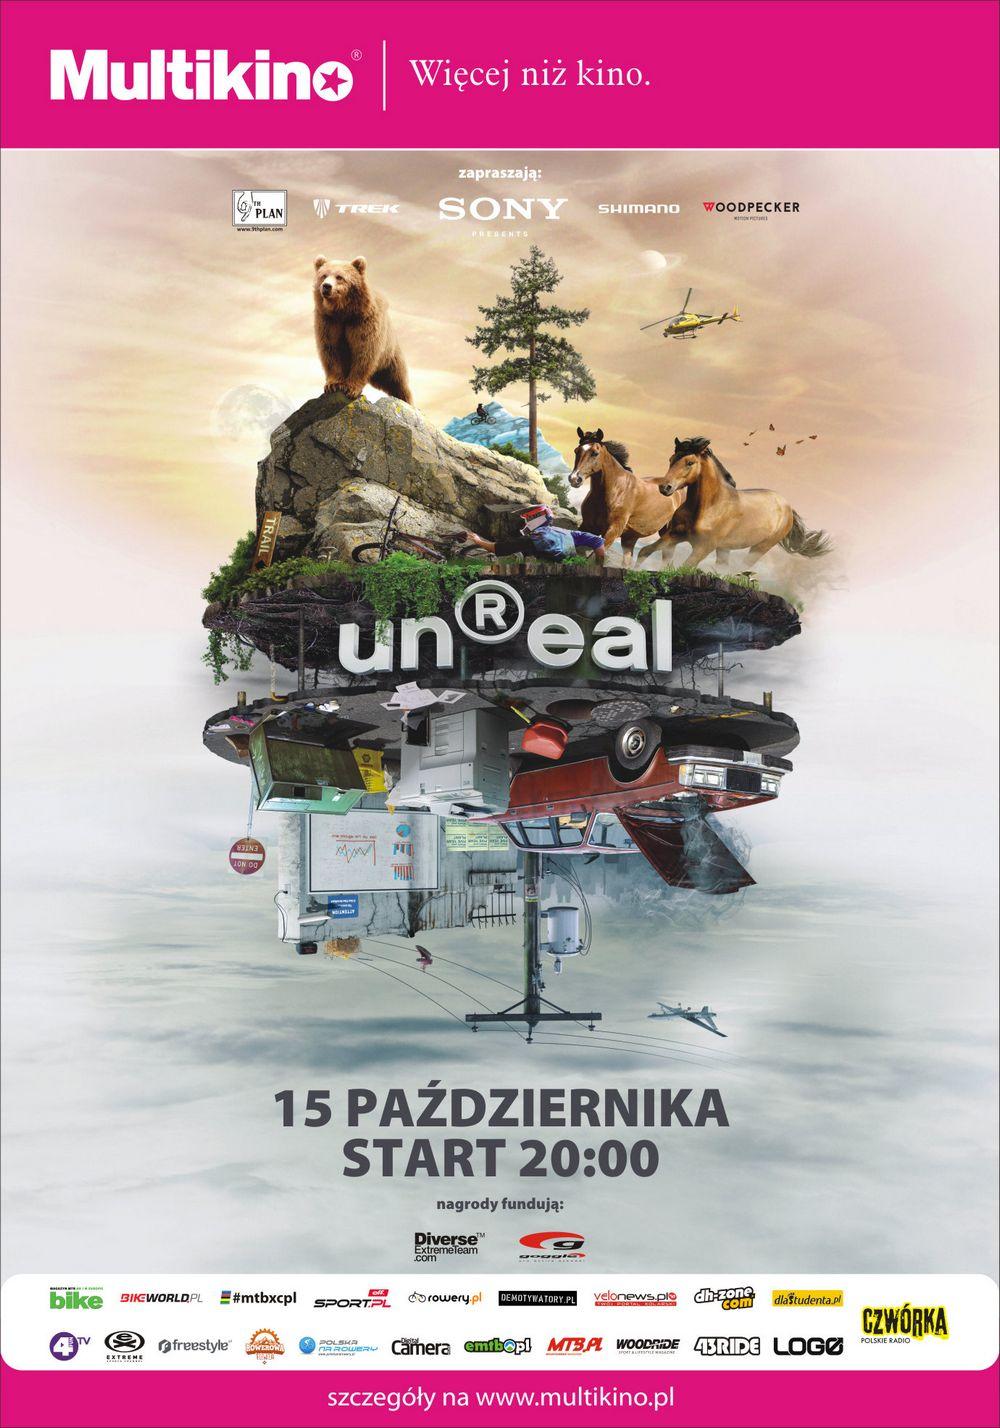 unReal - największe wydarzenie rowerowe roku 15 października tylko w Multikinie!